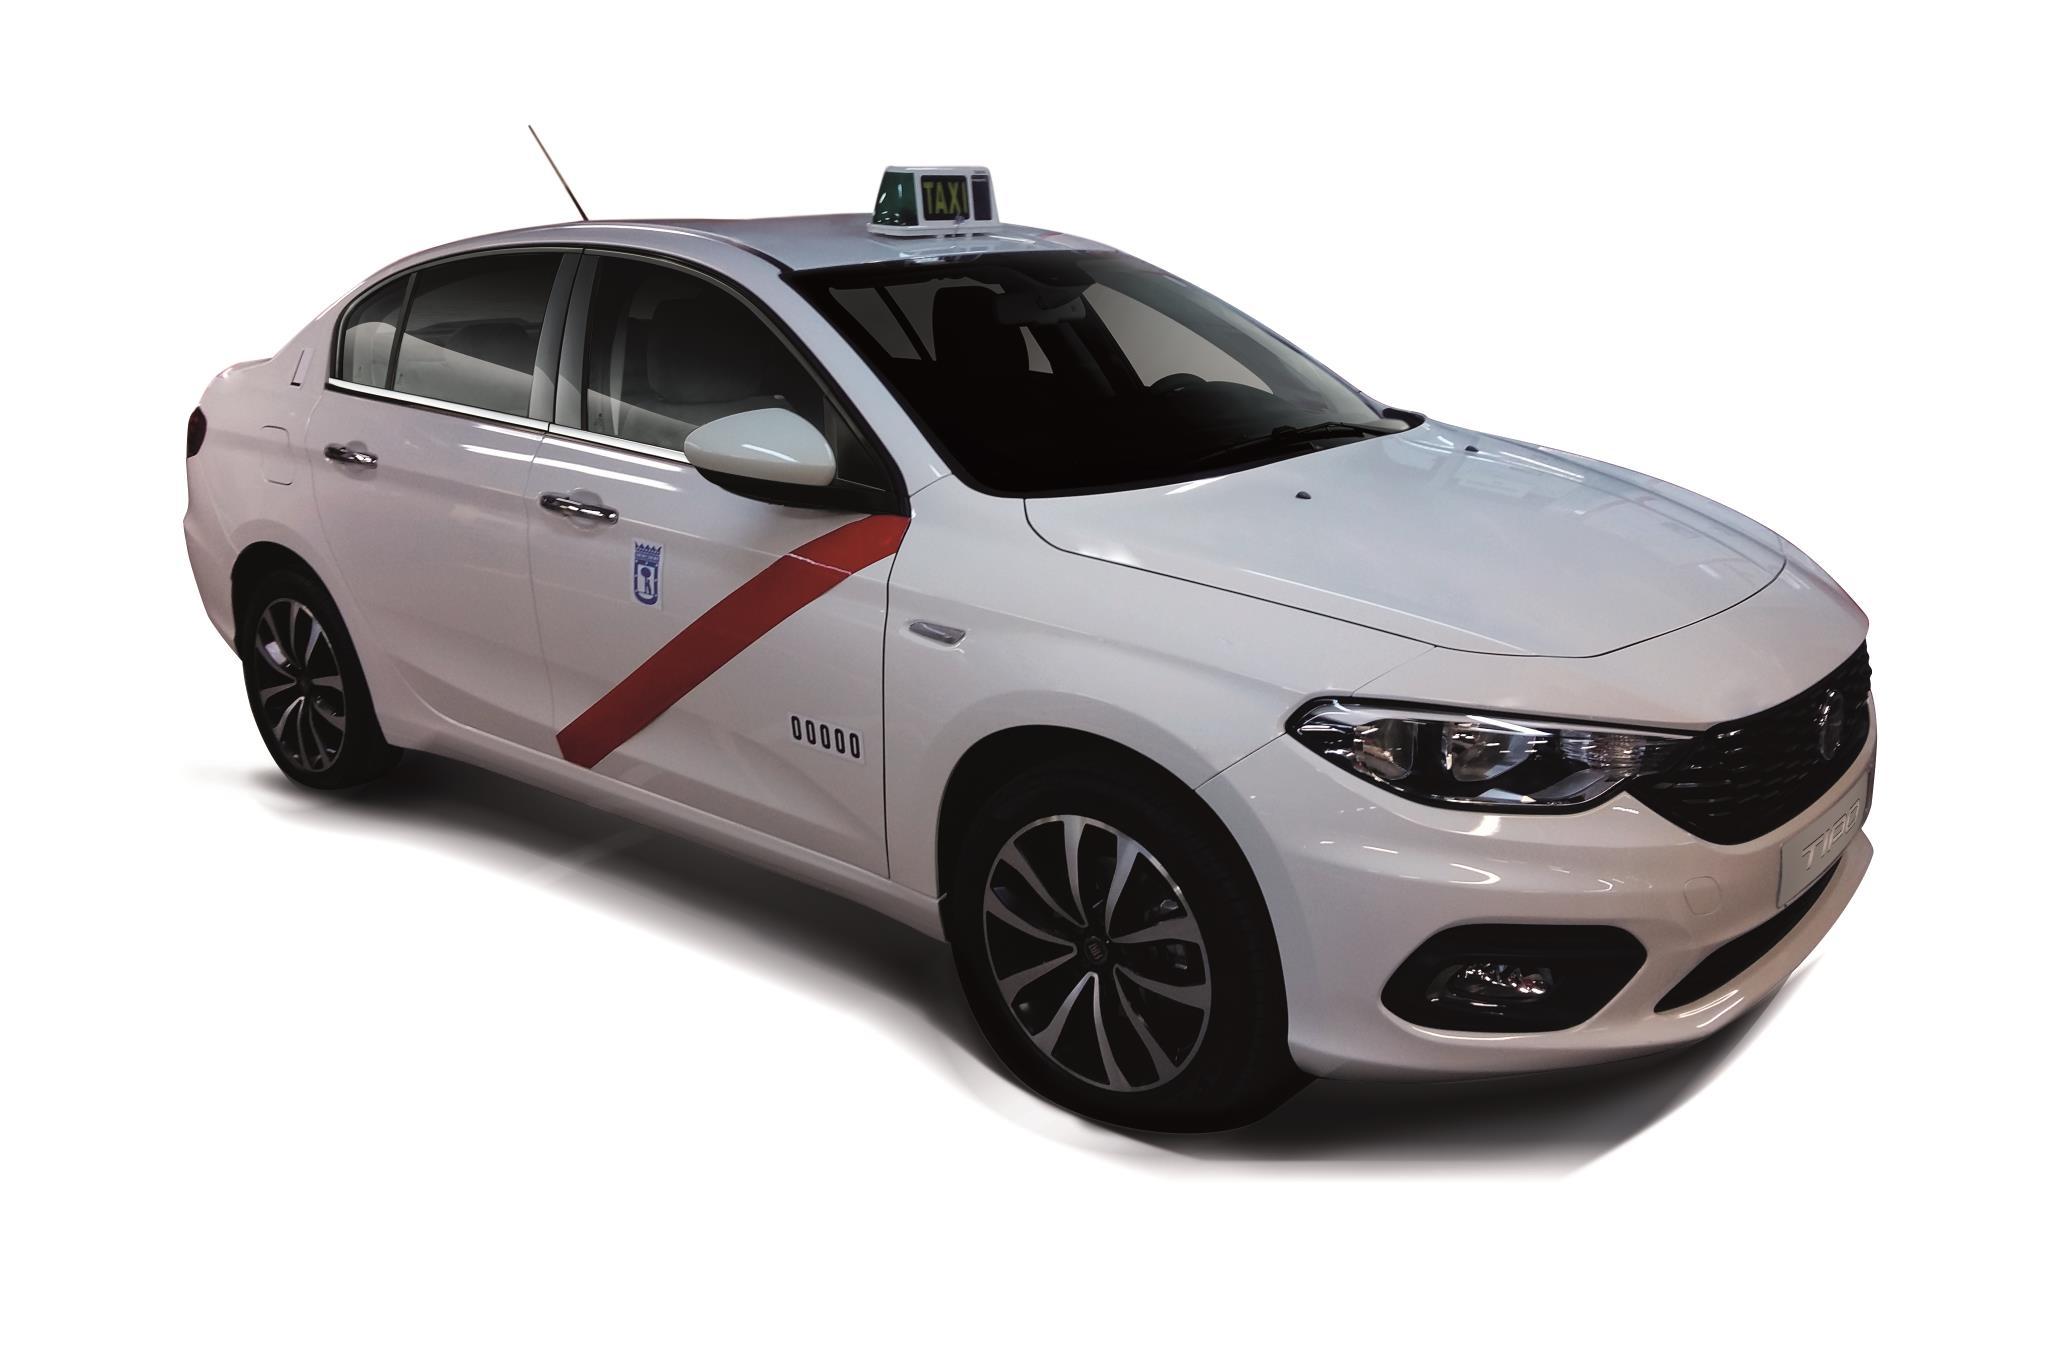 El Fiat Tipo ya ha sido homologado como Taxi para la capital española